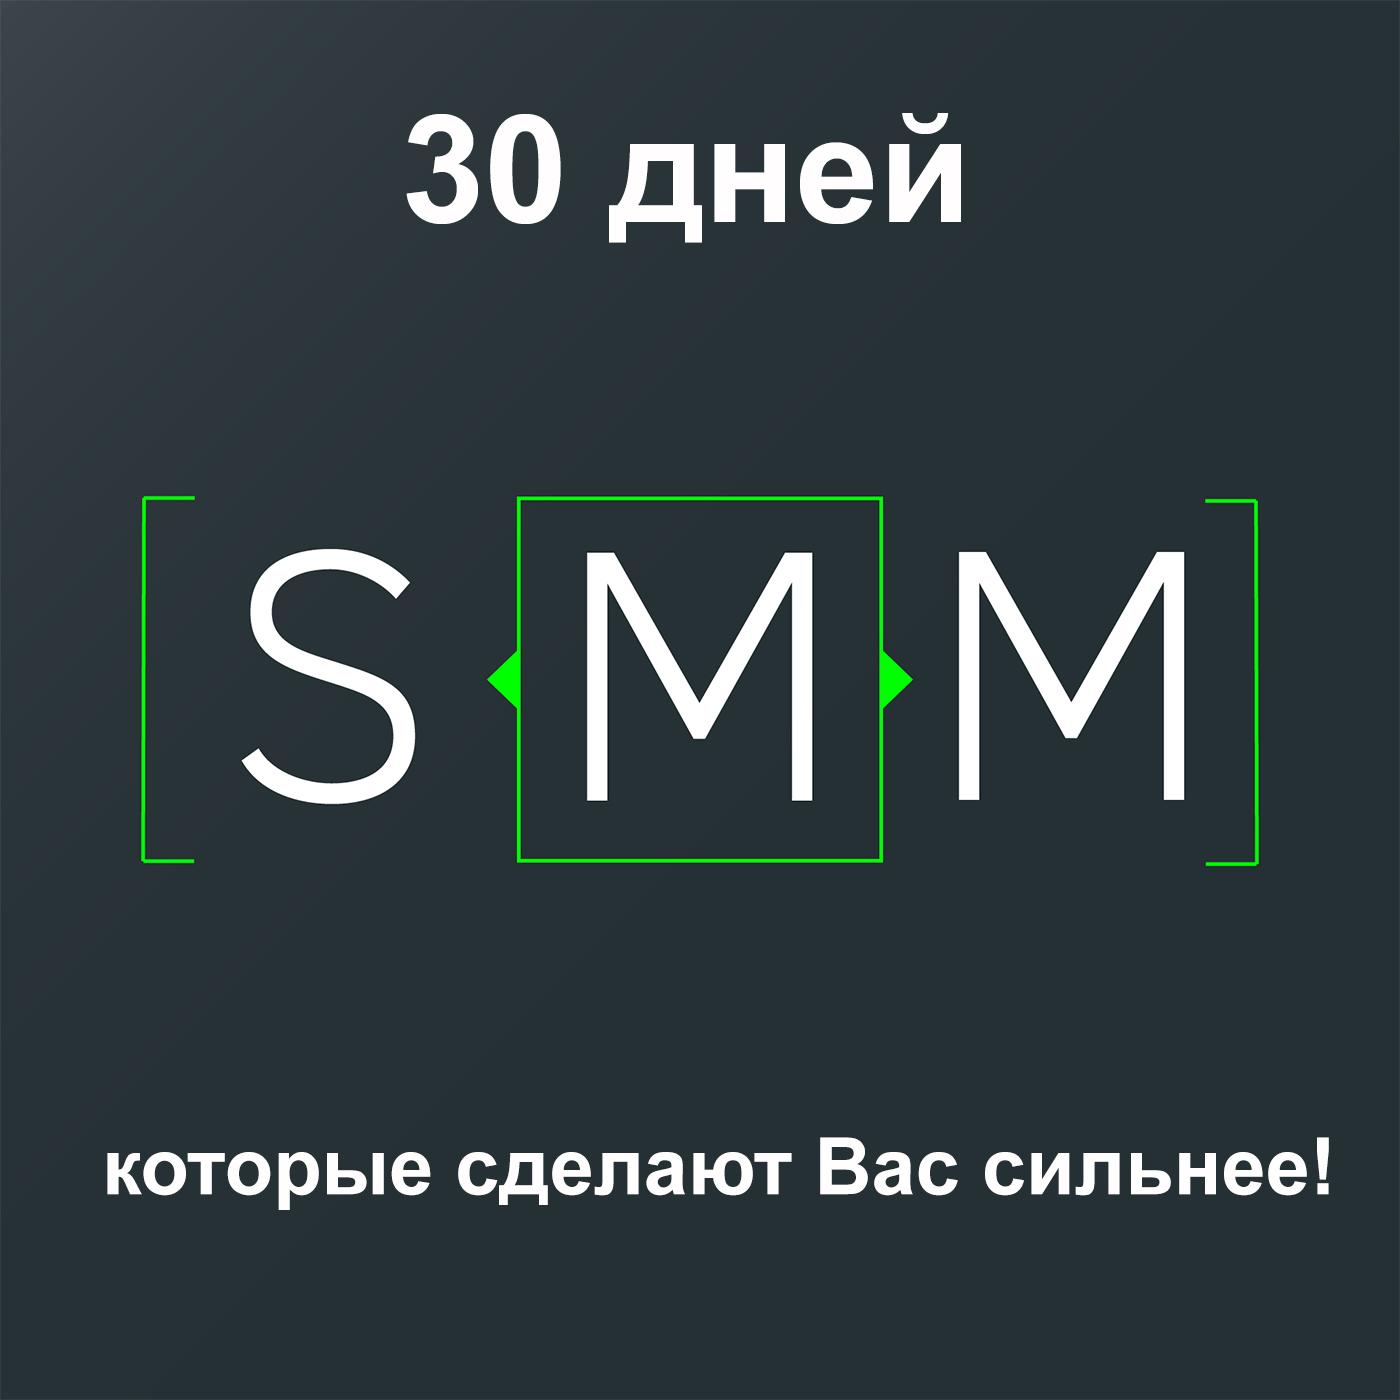 Отримайте БЕЗКОШТОВНО 30 днів розкрутки в Facebook! 7